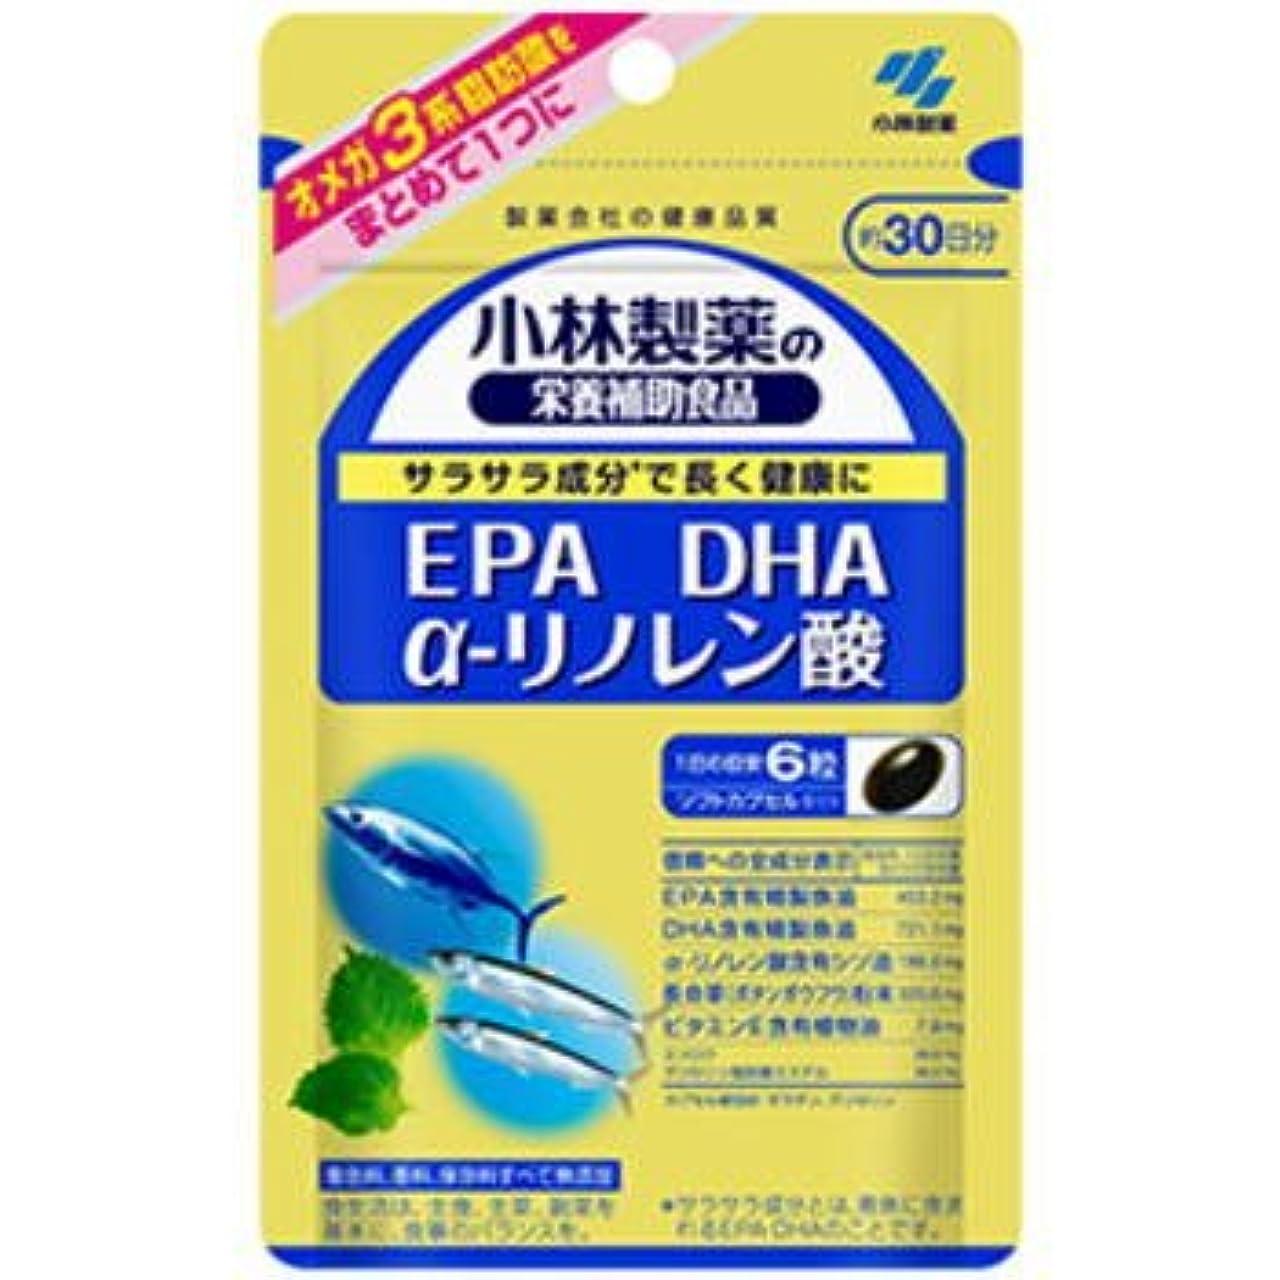 意志に反する分岐する到着する小林製薬 EPA DHA α-リノレン酸 180粒【ネコポス発送】